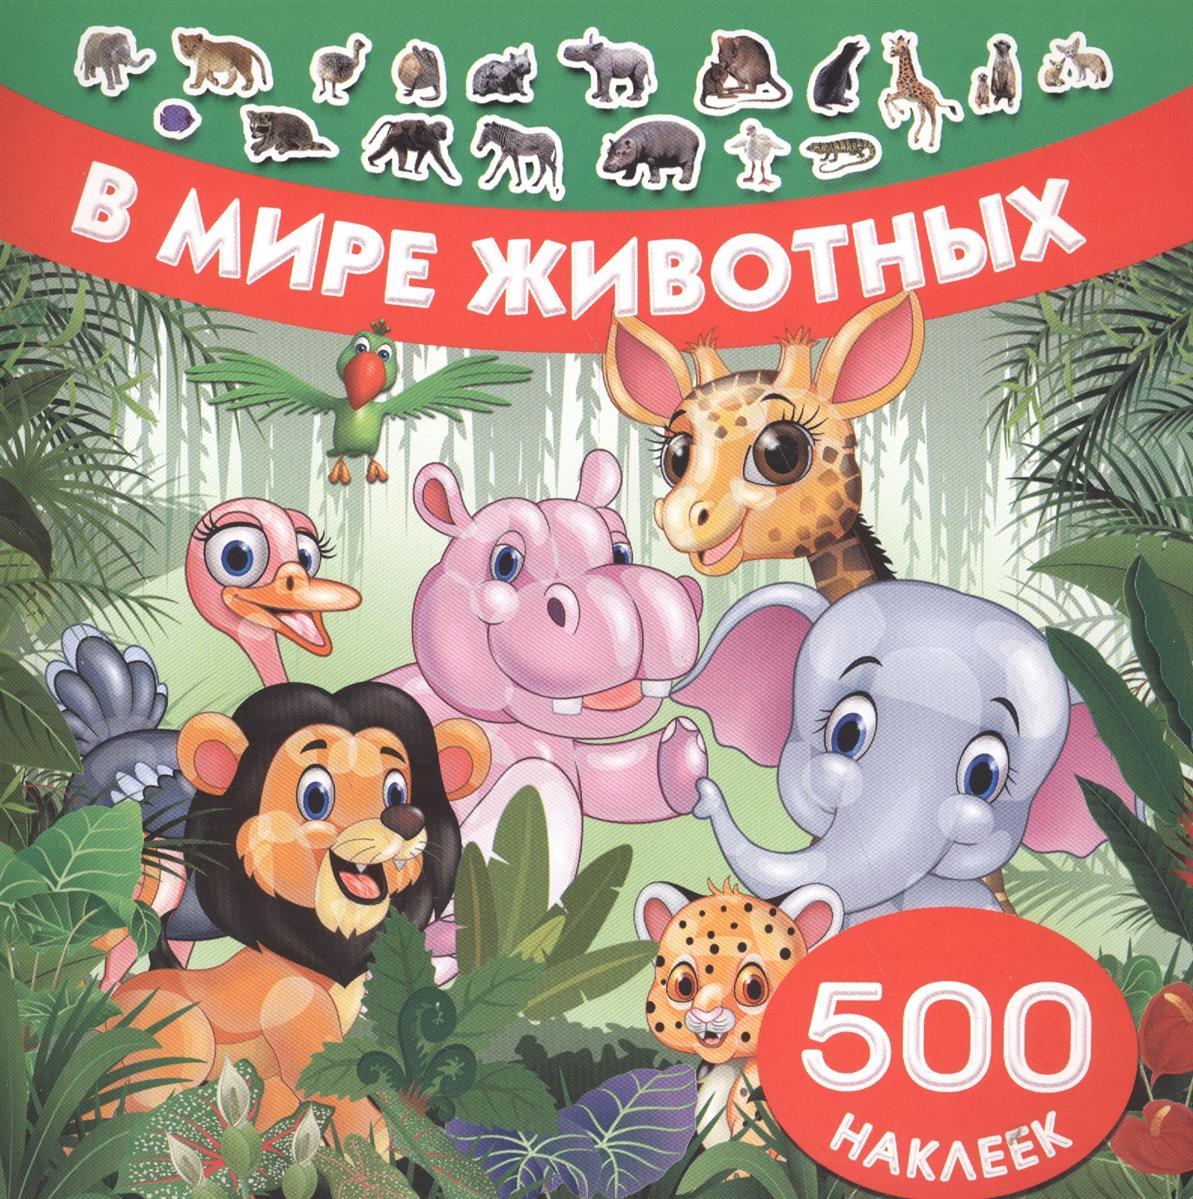 Глотова В., Рахманов А. (илл.) В мире животных. 500 наклеек глотова в рахманов а илл в мире животных 500 наклеек